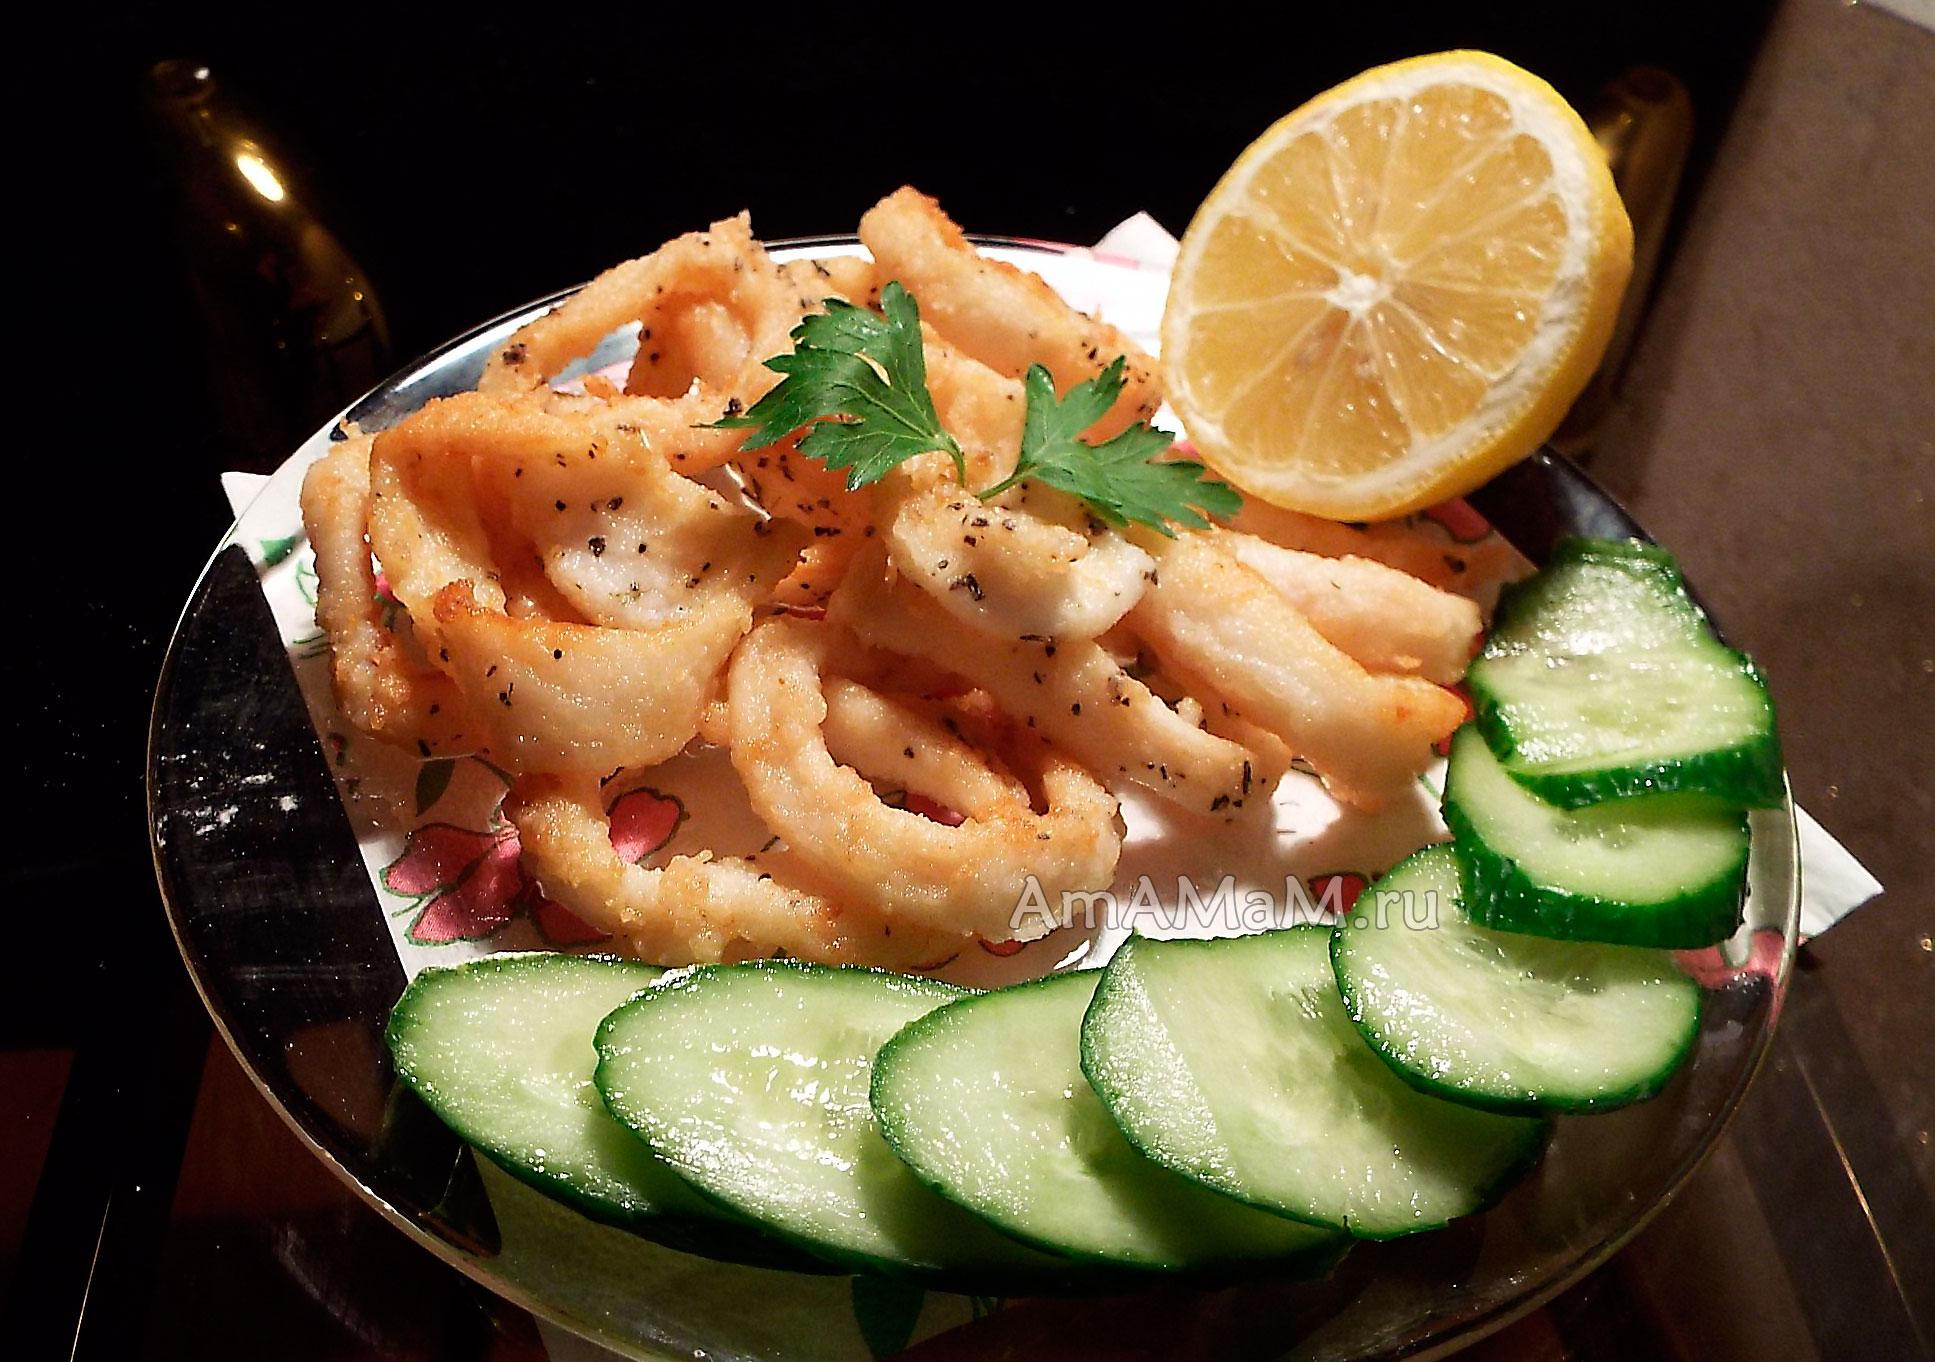 Корейское блюдо хе из рыбы рецепт